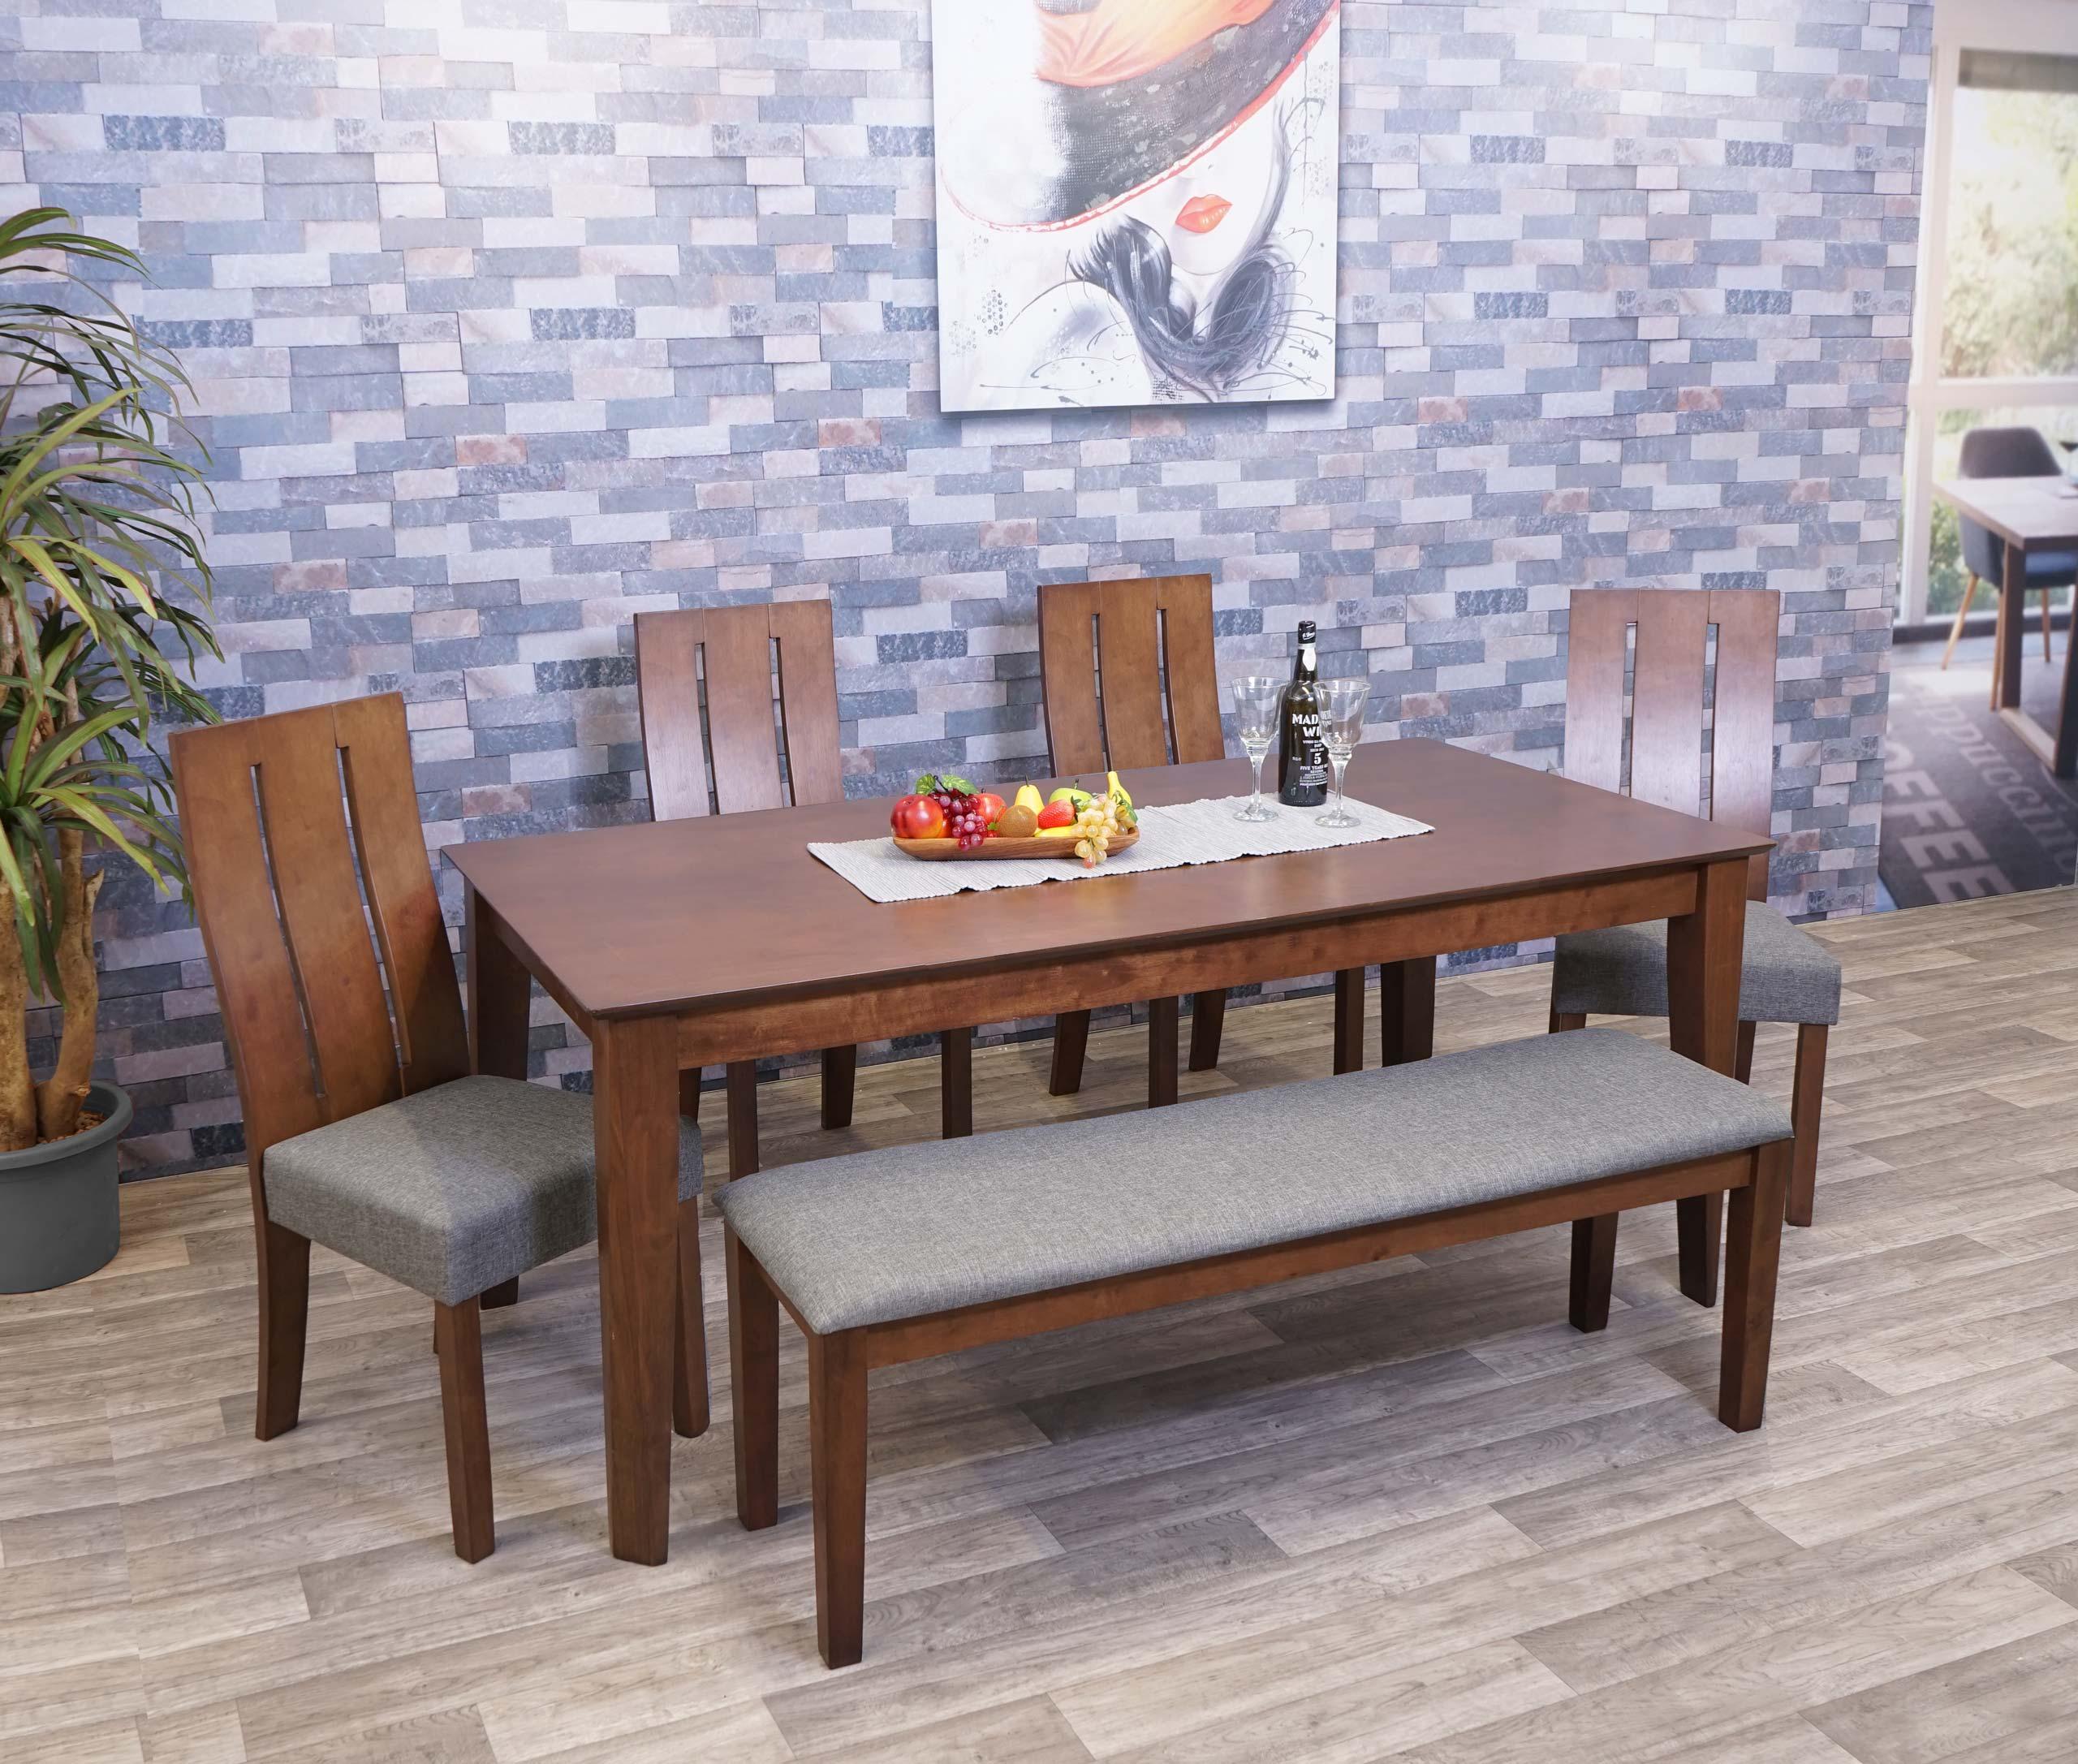 Mendler Esszimmer-Set HWC-G63, Essgruppe Esszimmergruppe Esszimmergarnitur Sitzgruppe, Stoff/Textil Massiv-H 2x71813+71815+71817